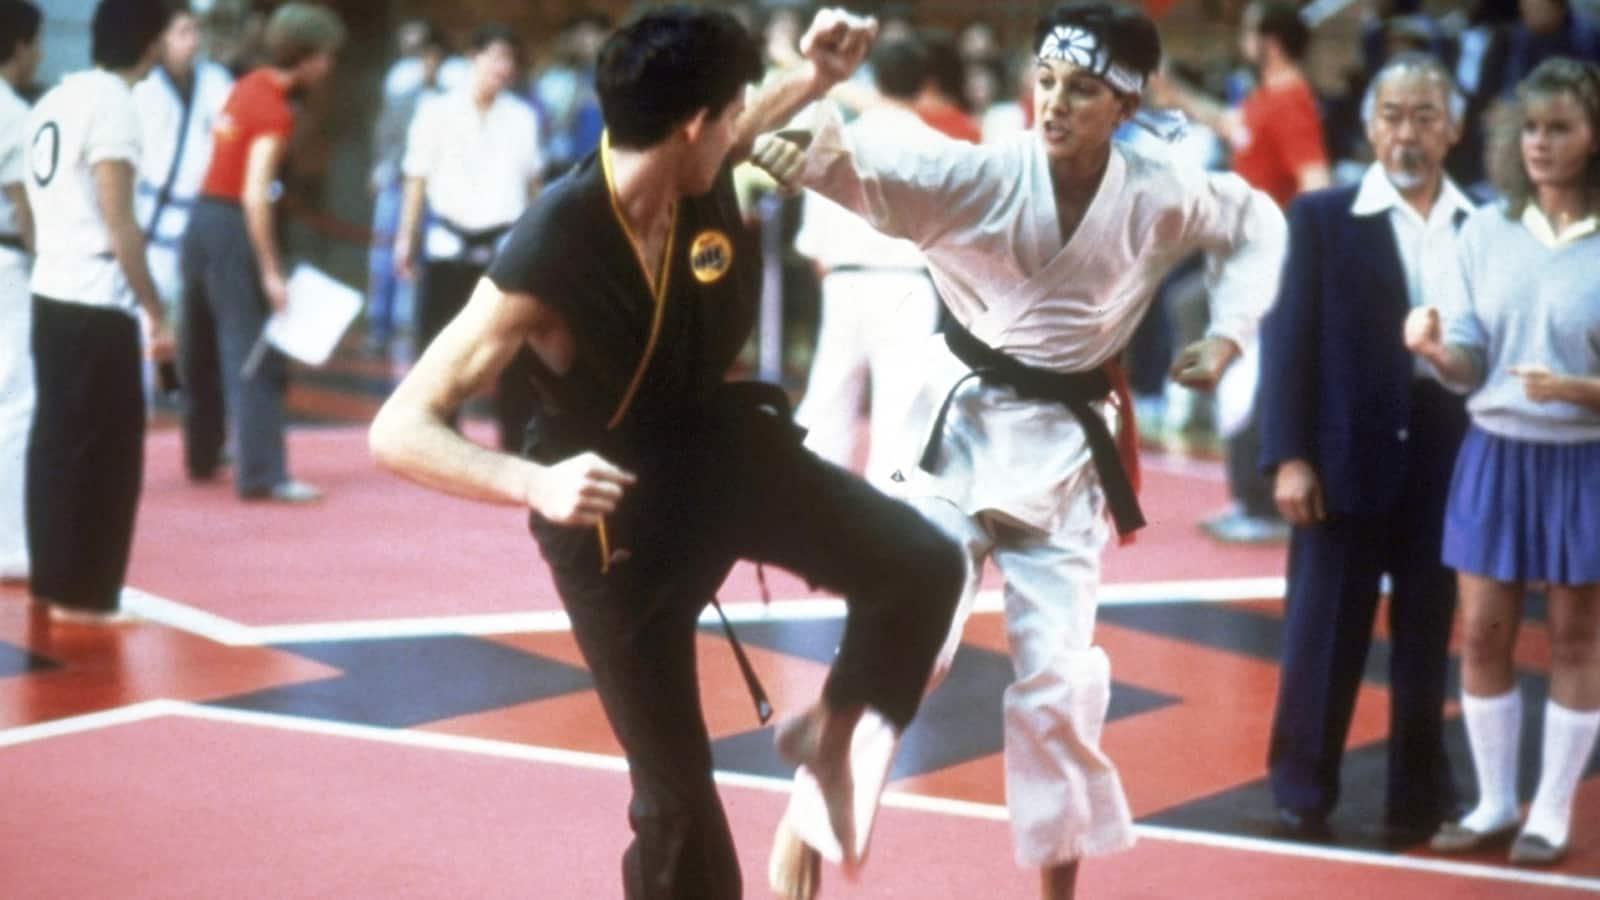 karate-kid-sannhetens-oyeblikk-1984